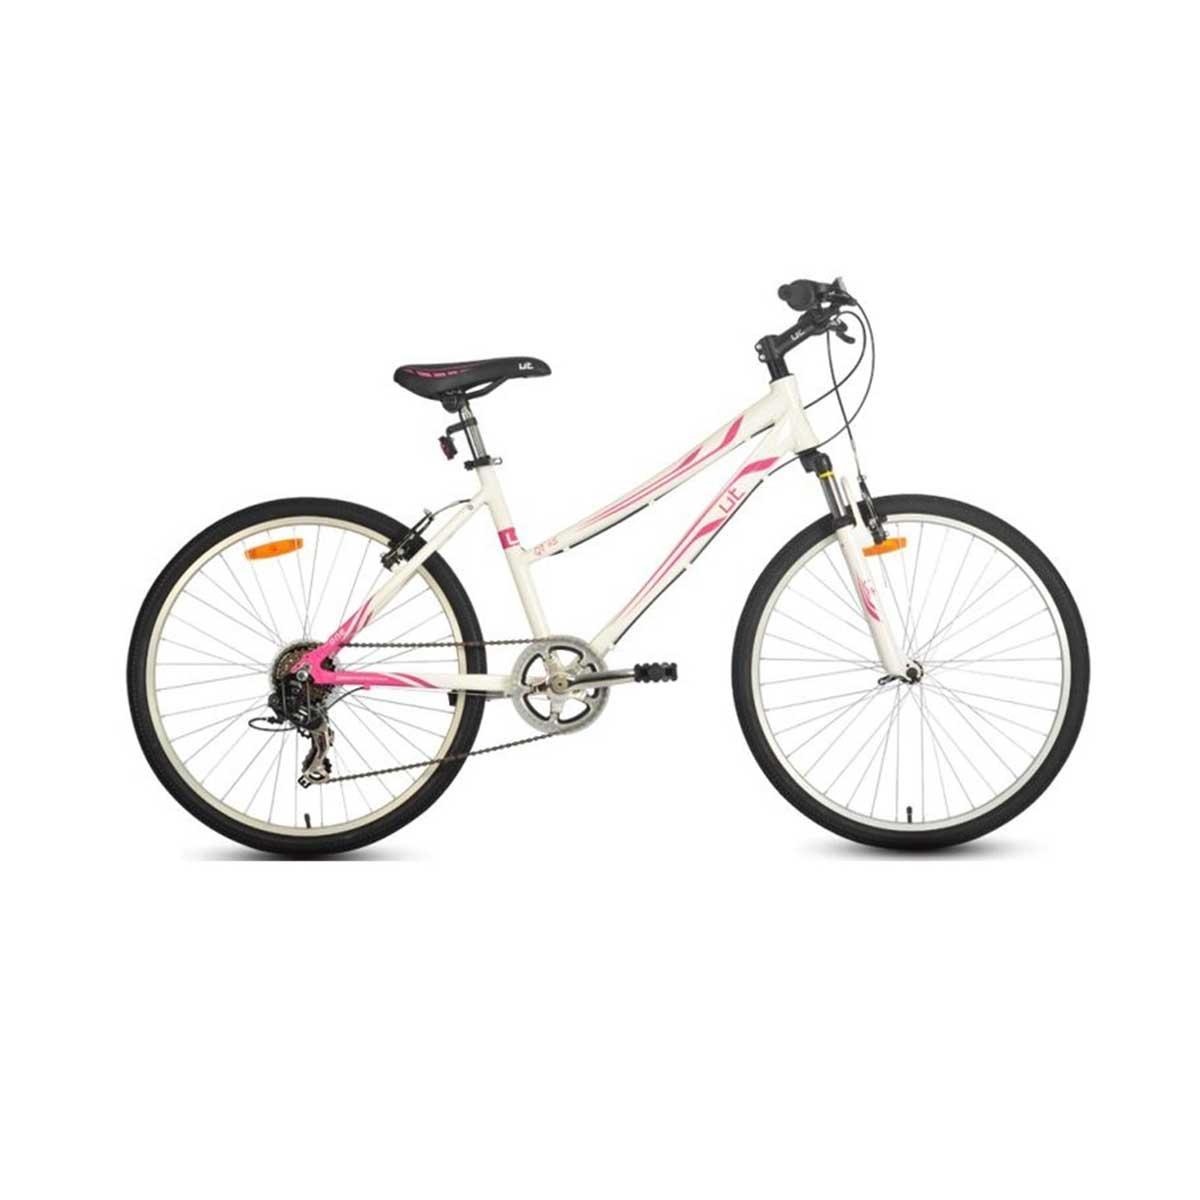 Buy Ut Q1 6 Speed Womens Bike Online India Ut Bikes